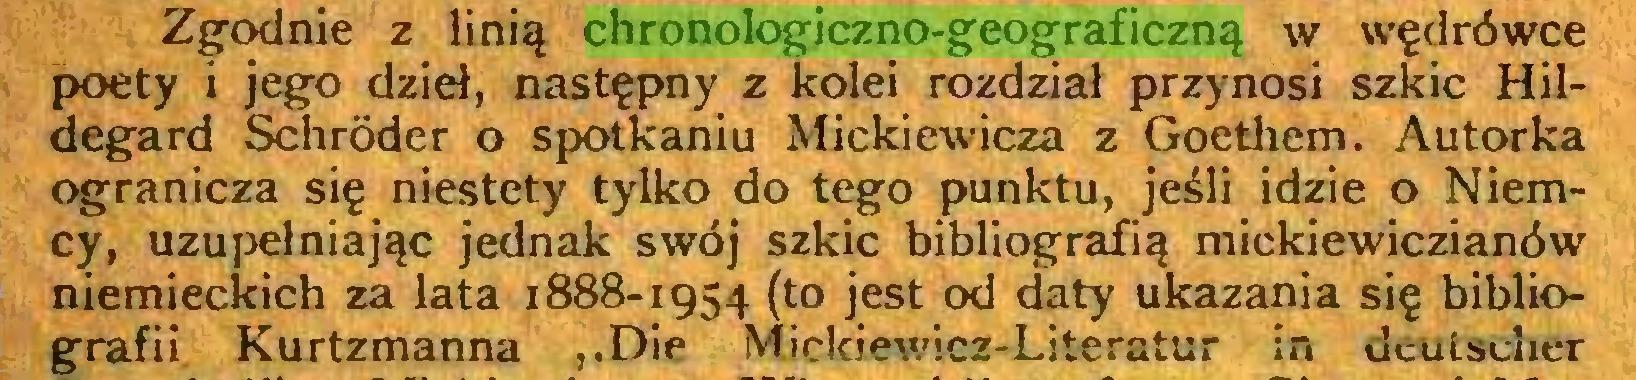 (...) Zgodnie z linią chronologiczno-geograficzną w wędrówce poety i jego dzieł, następny z kolei rozdział przynosi szkic Hildegard Schröder o spotkaniu Mickiewicza z Goethem. Autorka ogranicza się niestety tylko do tego punktu, jeśli idzie o Niemcy, uzupełniając jednak swój szkic bibliografią mickiewiczianów niemieckich za lata 1888-1954 (to jest od daty ukazania się bibliografii Kurtzmanna ,.Die Mickiewicz-Literatur in deutscher...